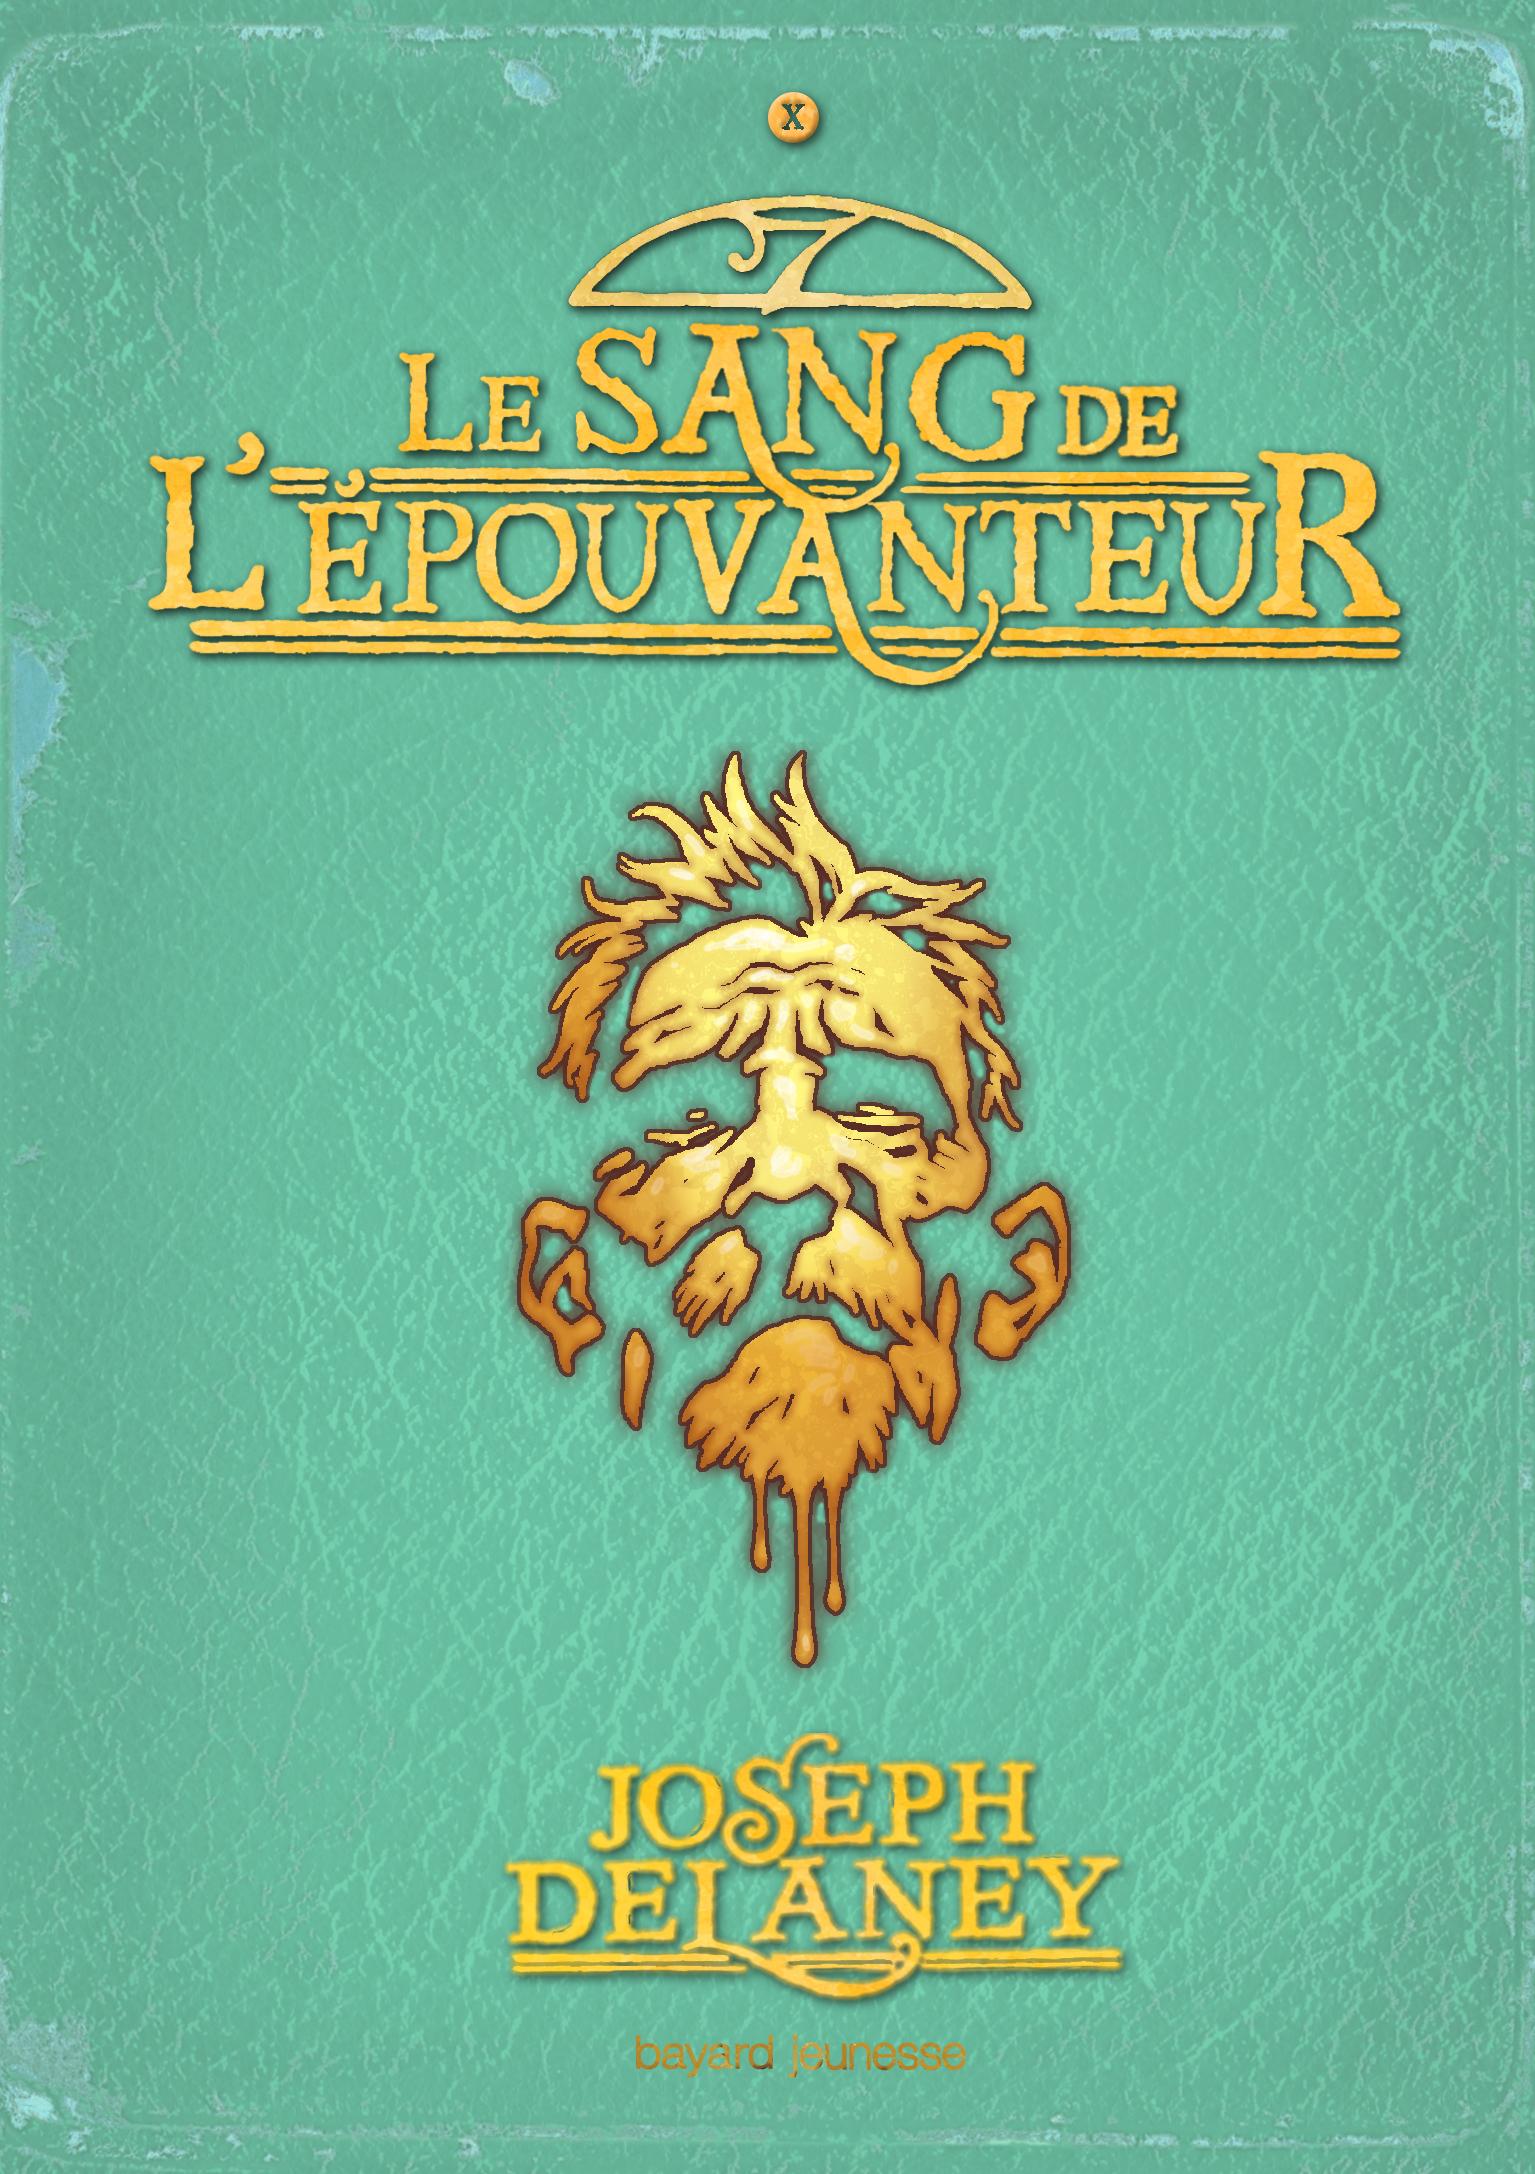 http://livresse-des-lettres.blogspot.fr/2014/03/lepouvanteur-tome-10-le-sang-de_3.html